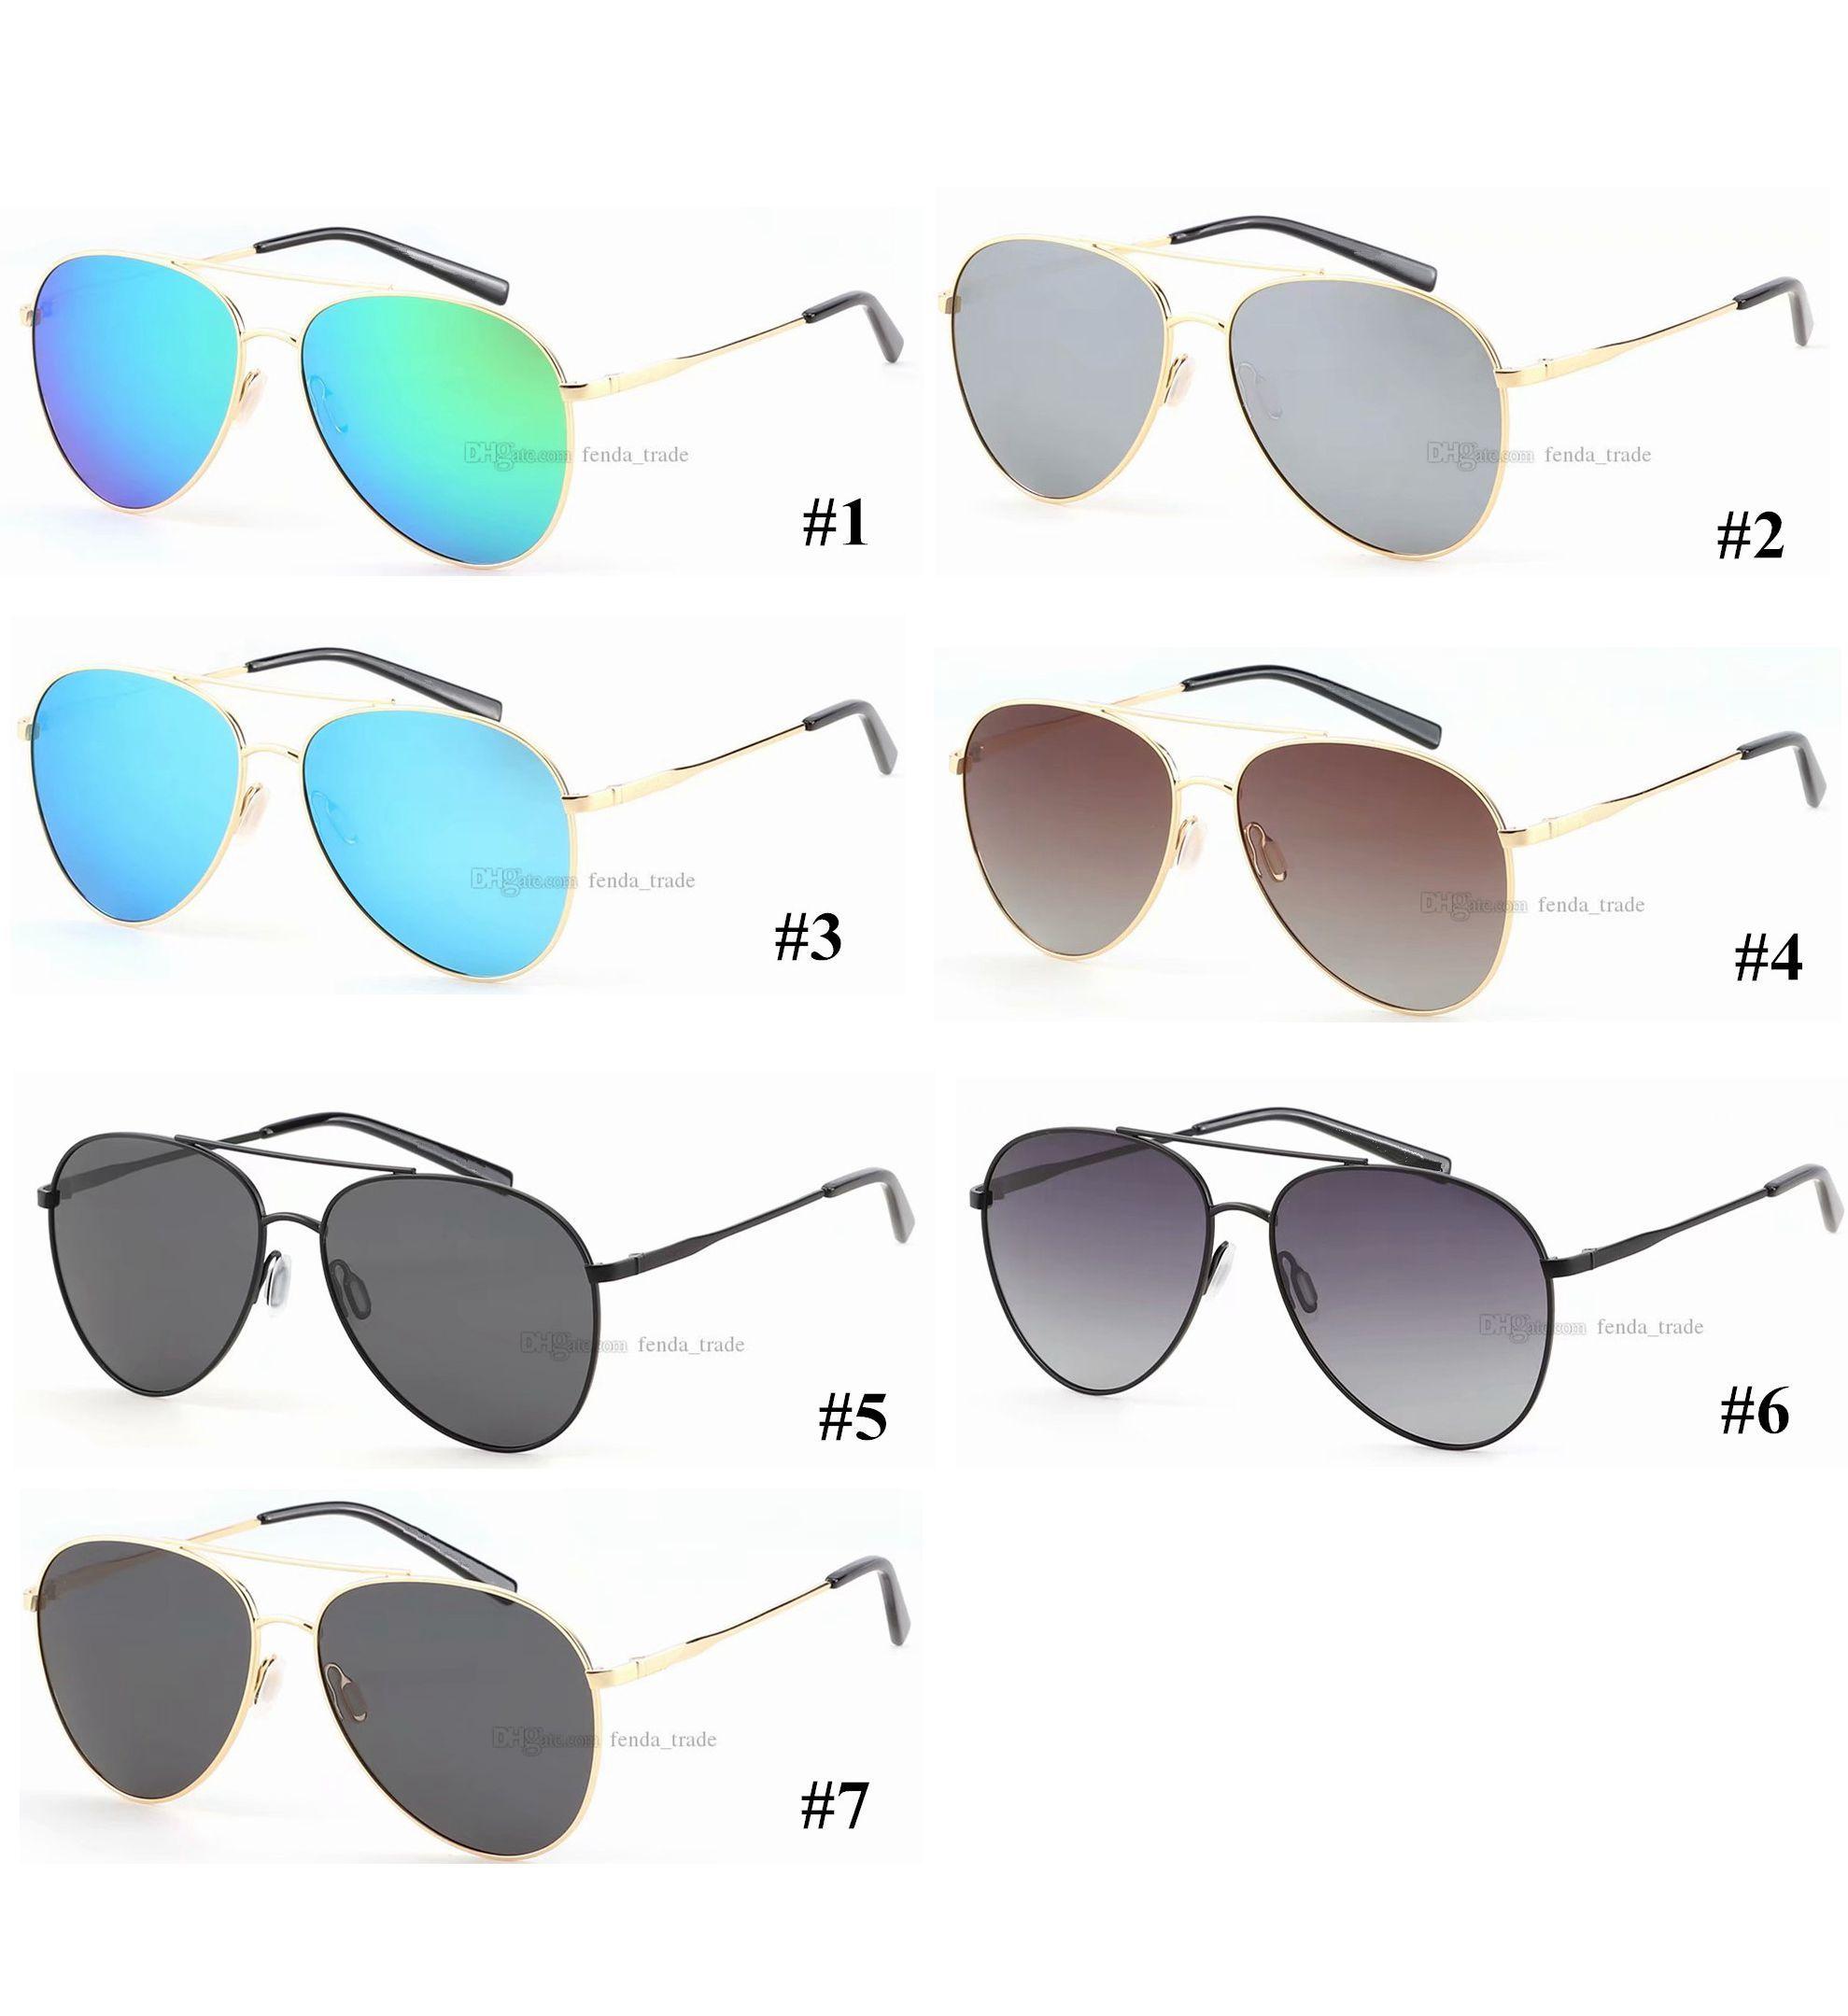 Diseñador polarizada espejo Gafas de sol redondas gran tamaño retro Gafas de sol Señora macho polarizado surf venta caliente conducción gafas de sol deportivas 5PCS